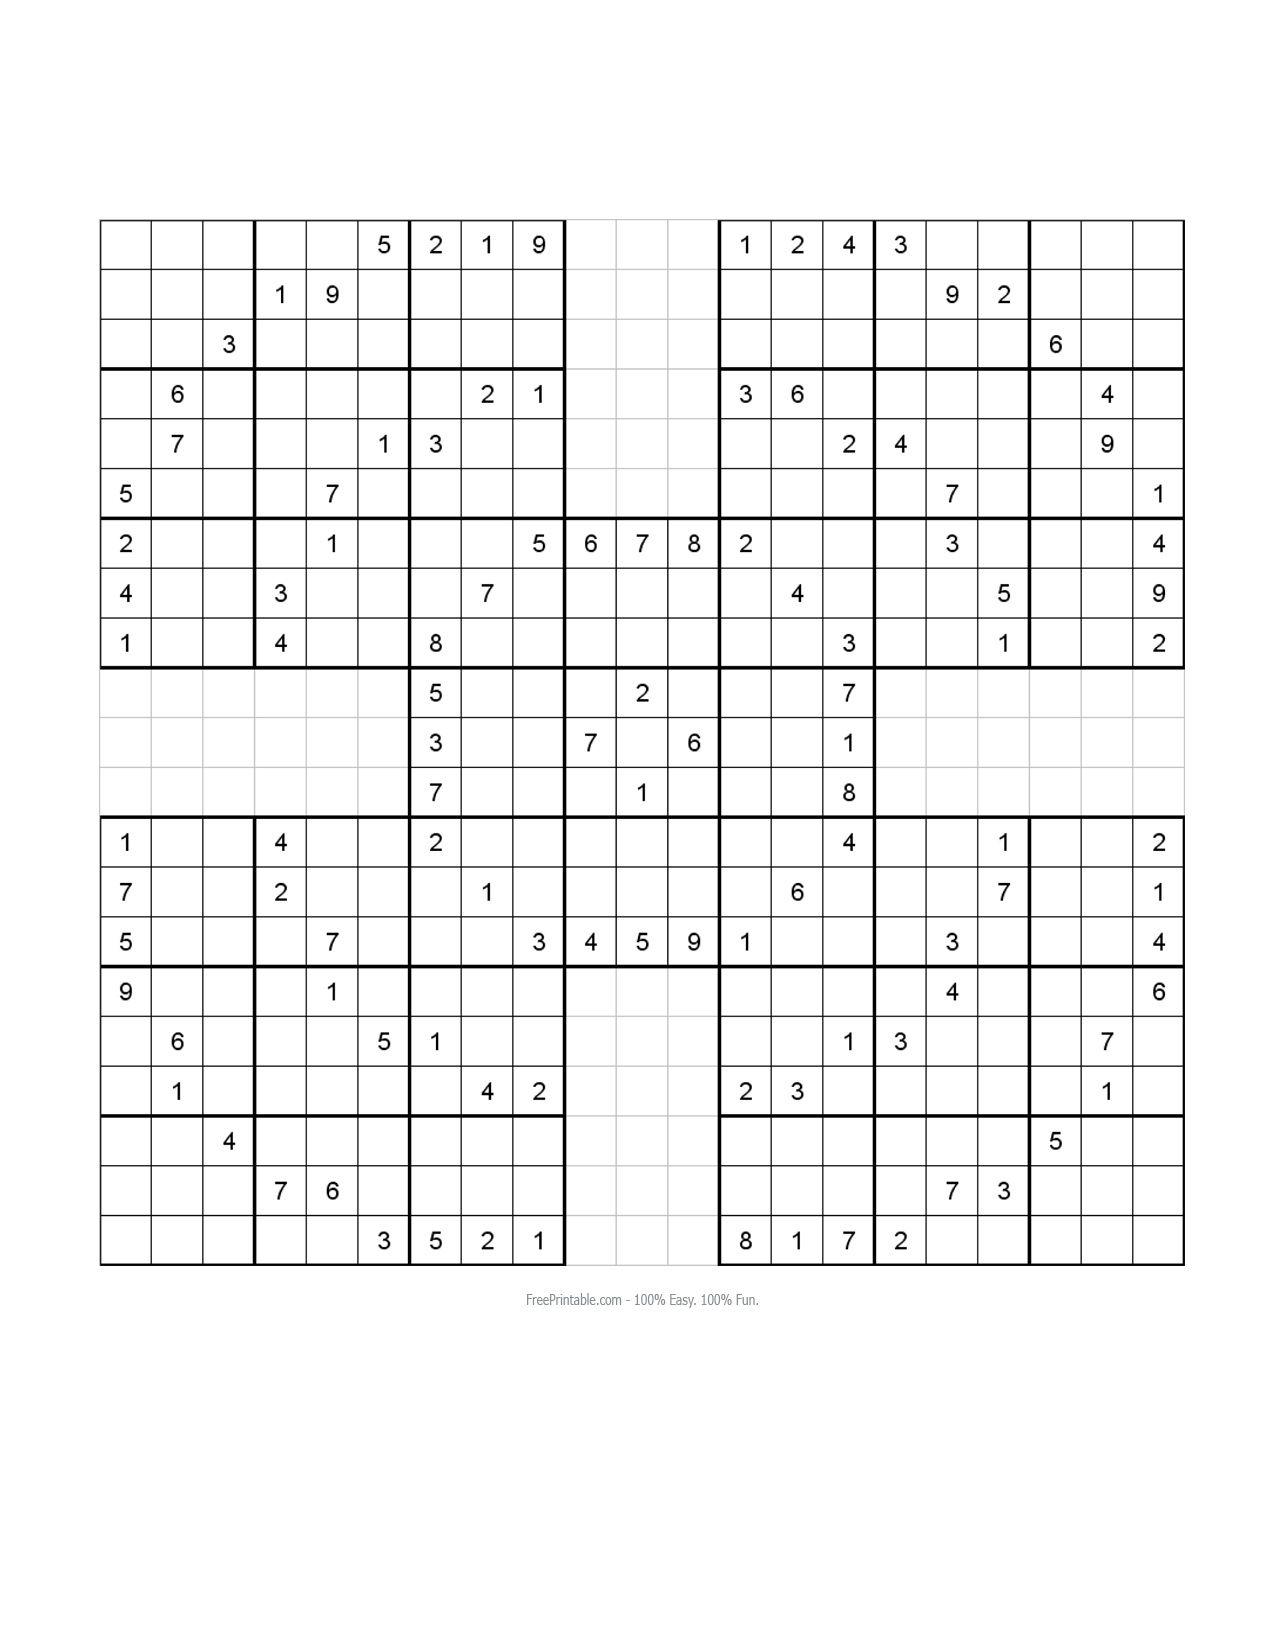 Free Printable Samurai Sudoku Puzzles | Sudoku - Sudoku 16X16 Printable Free